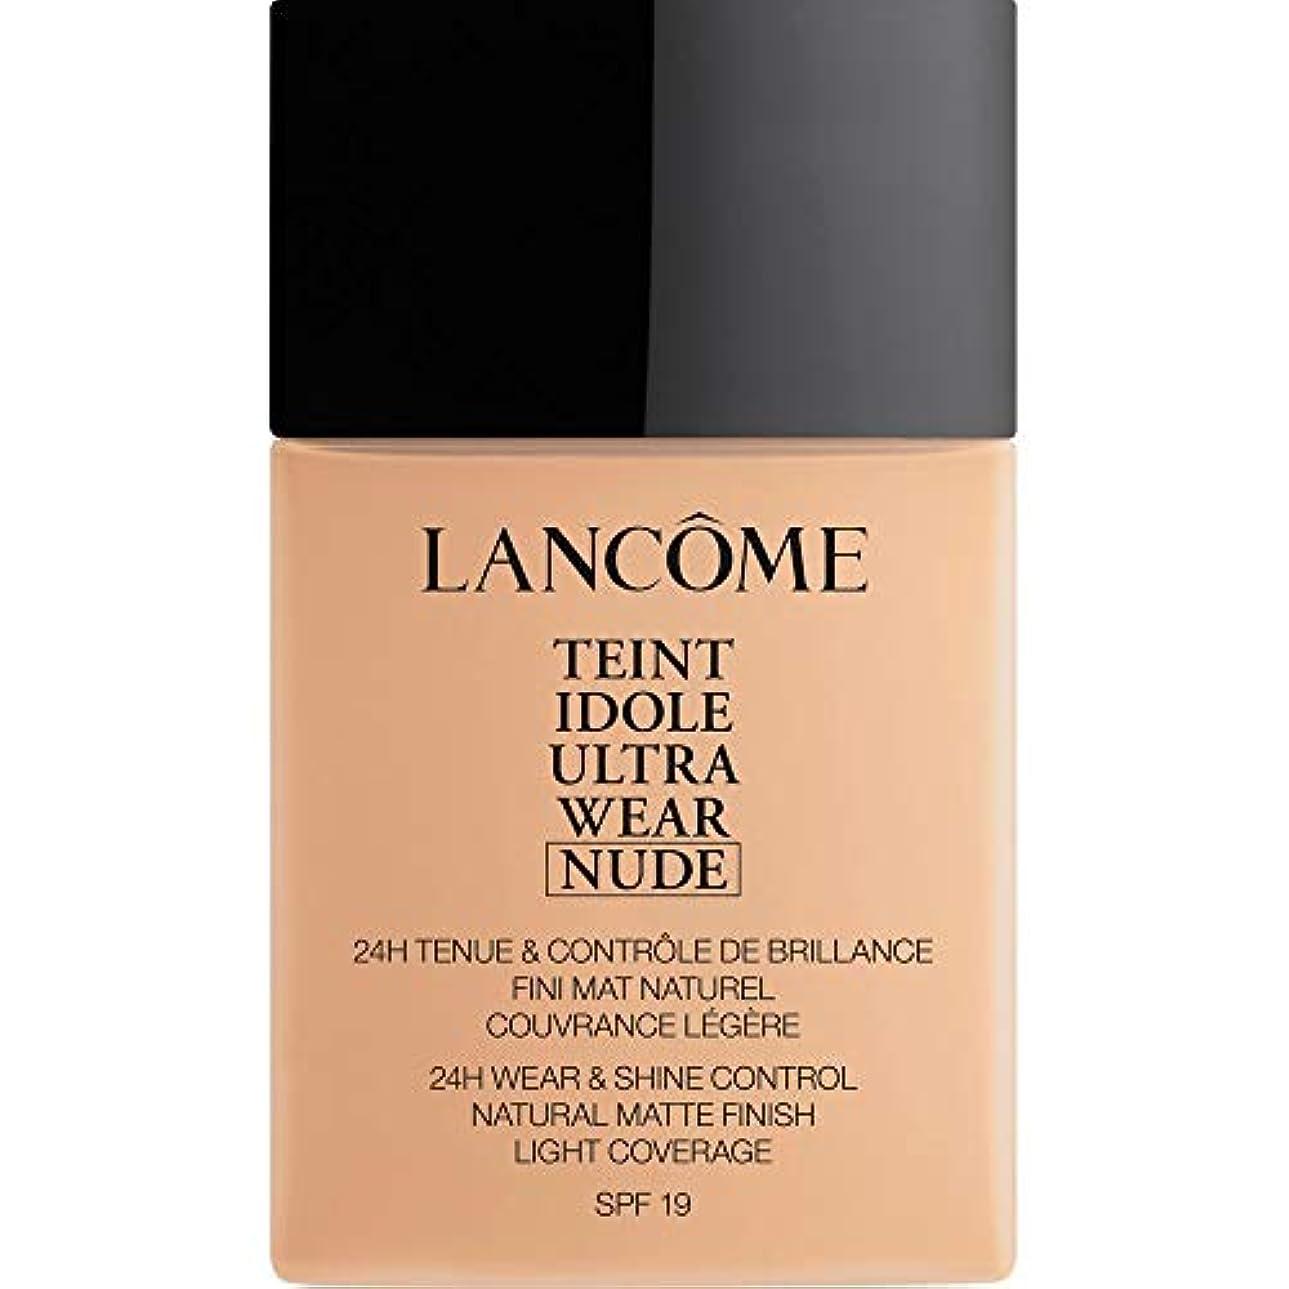 噴出するその後永遠に[Lanc?me ] ランコムTeintのIdole超摩耗ヌード財団Spf19の40ミリリットル021 - ベージュジャスミン - Lancome Teint Idole Ultra Wear Nude Foundation...